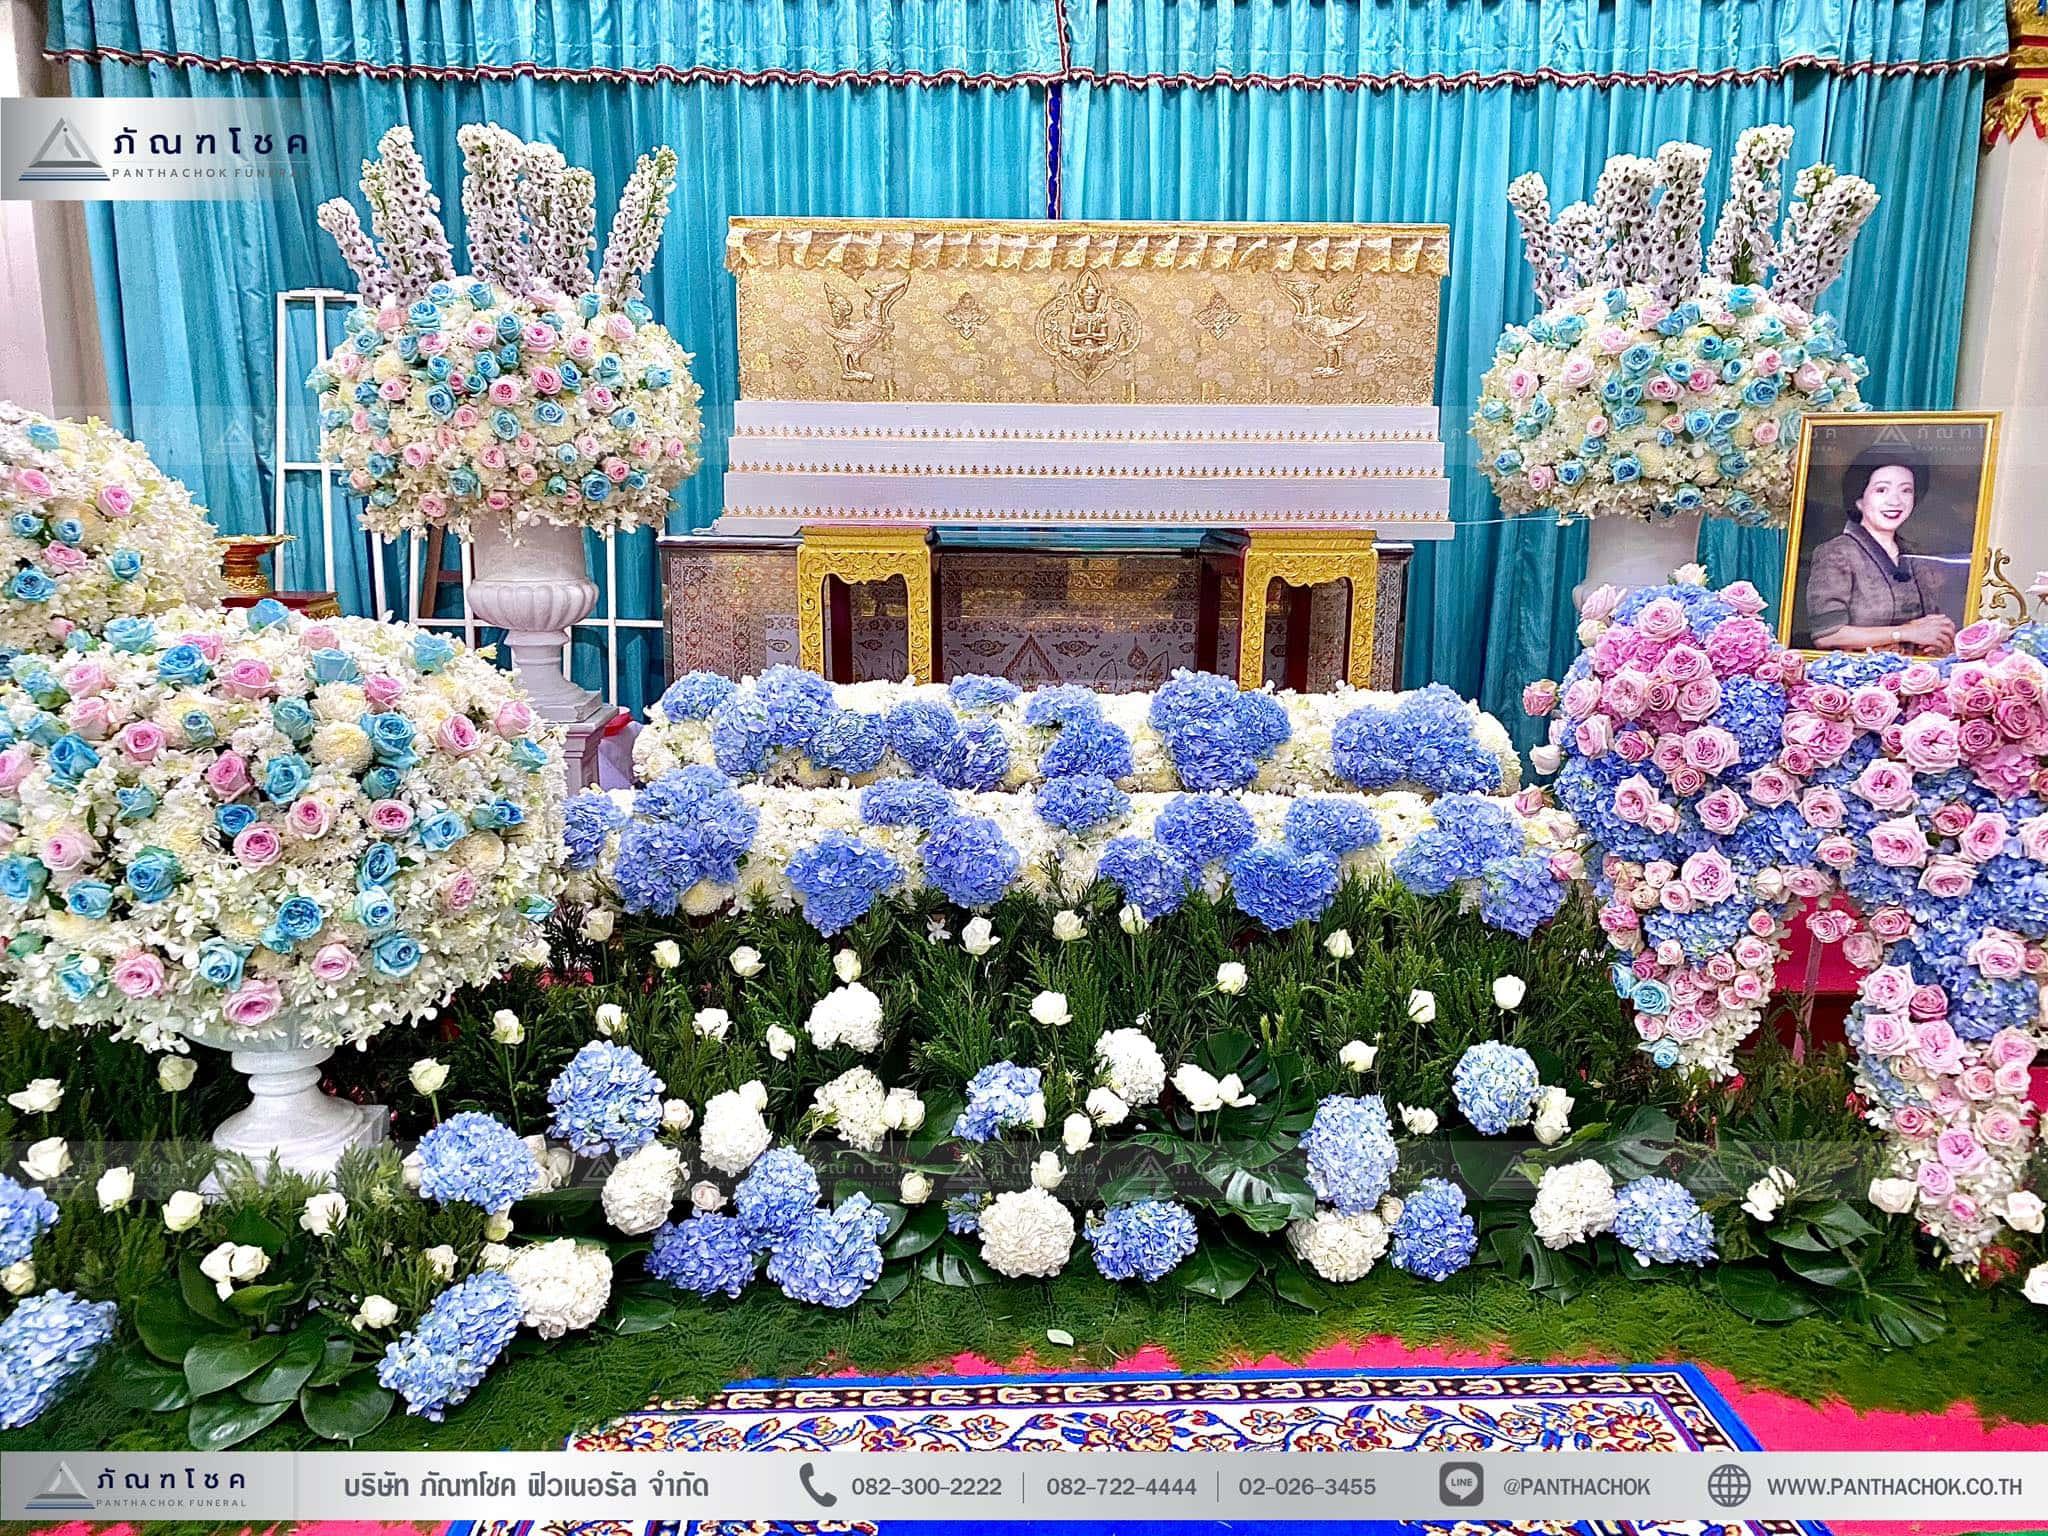 ดอกไม้งานศพสไตล์โมเดิร์น ณ วัดบัวขวัญพระอารามหลวง จ.นนทบุรี 3